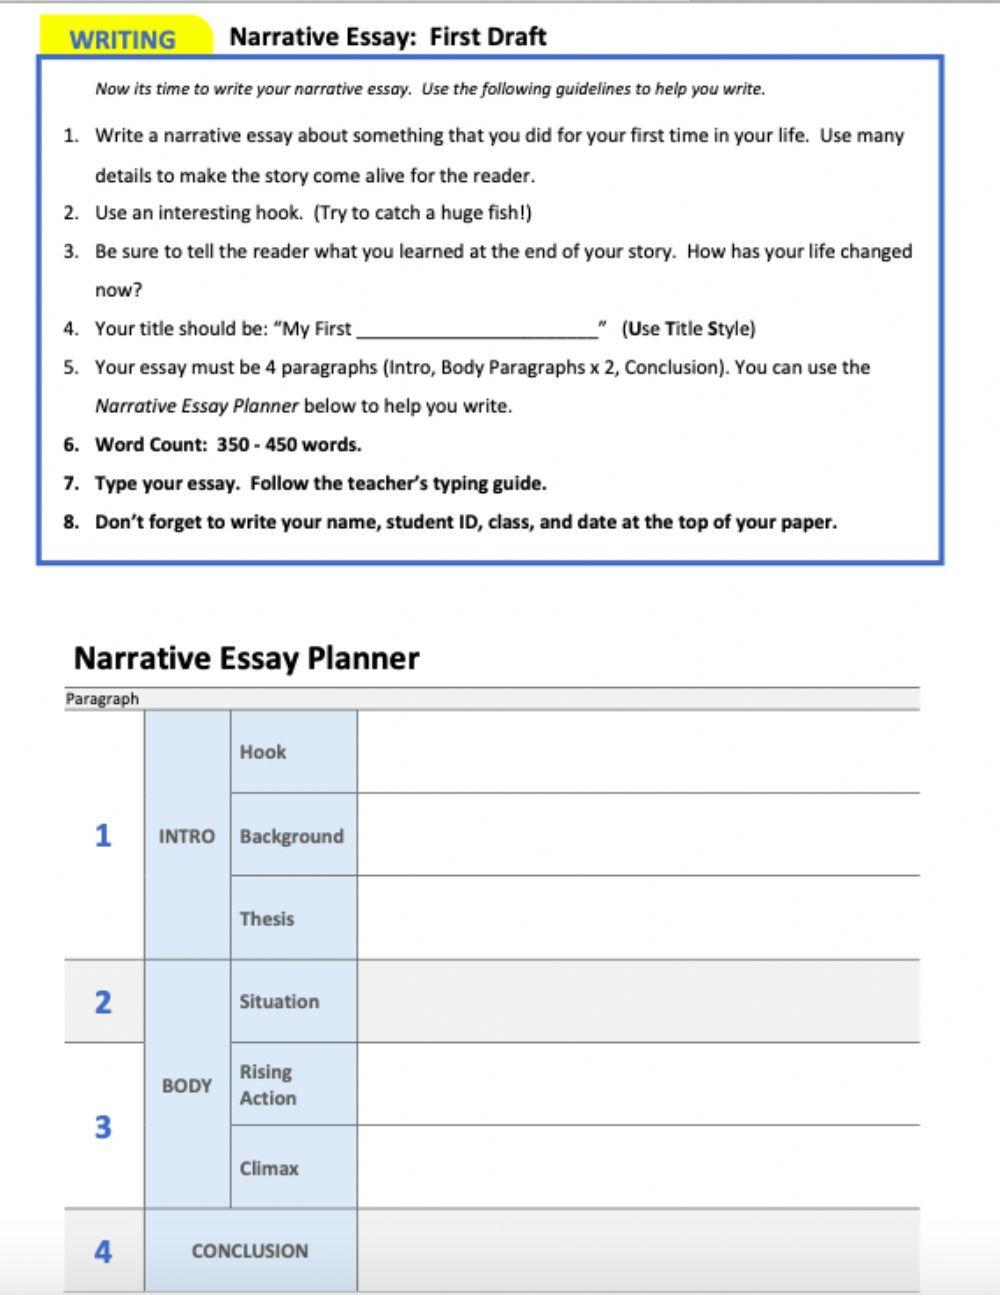 Planning A Narrative Essay Interactive Worksheet Narrative Essay Essay Plan Essay [ 1295 x 1000 Pixel ]